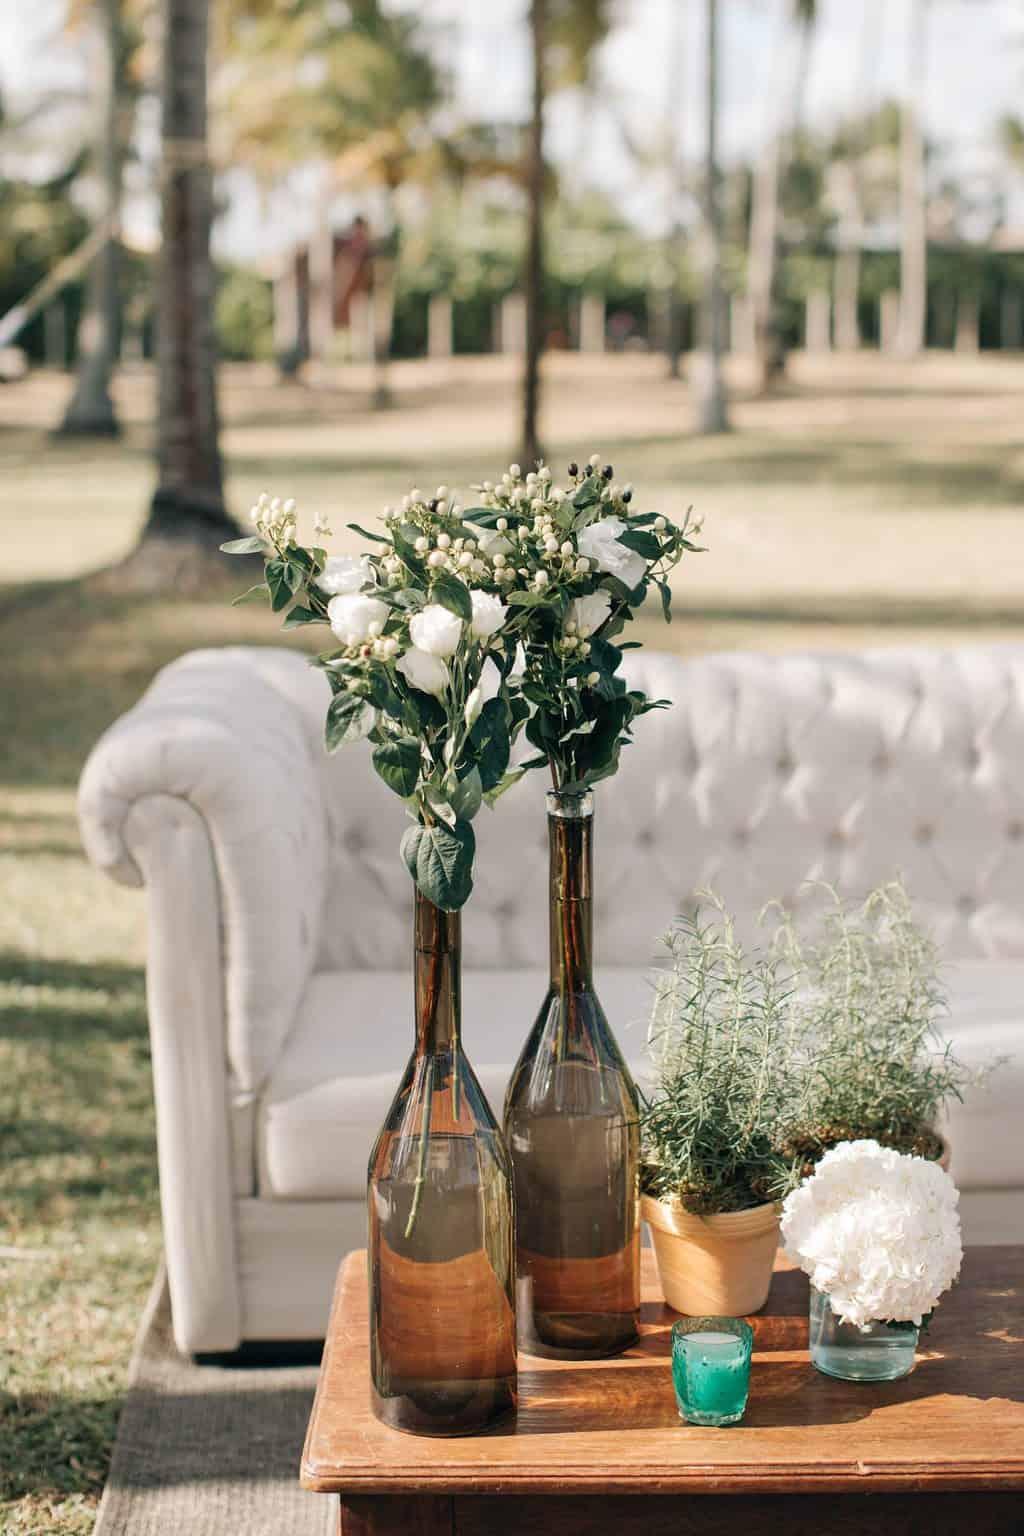 casamento-Danielle-e-Guilherme-aloha-fotografia-caseme-57